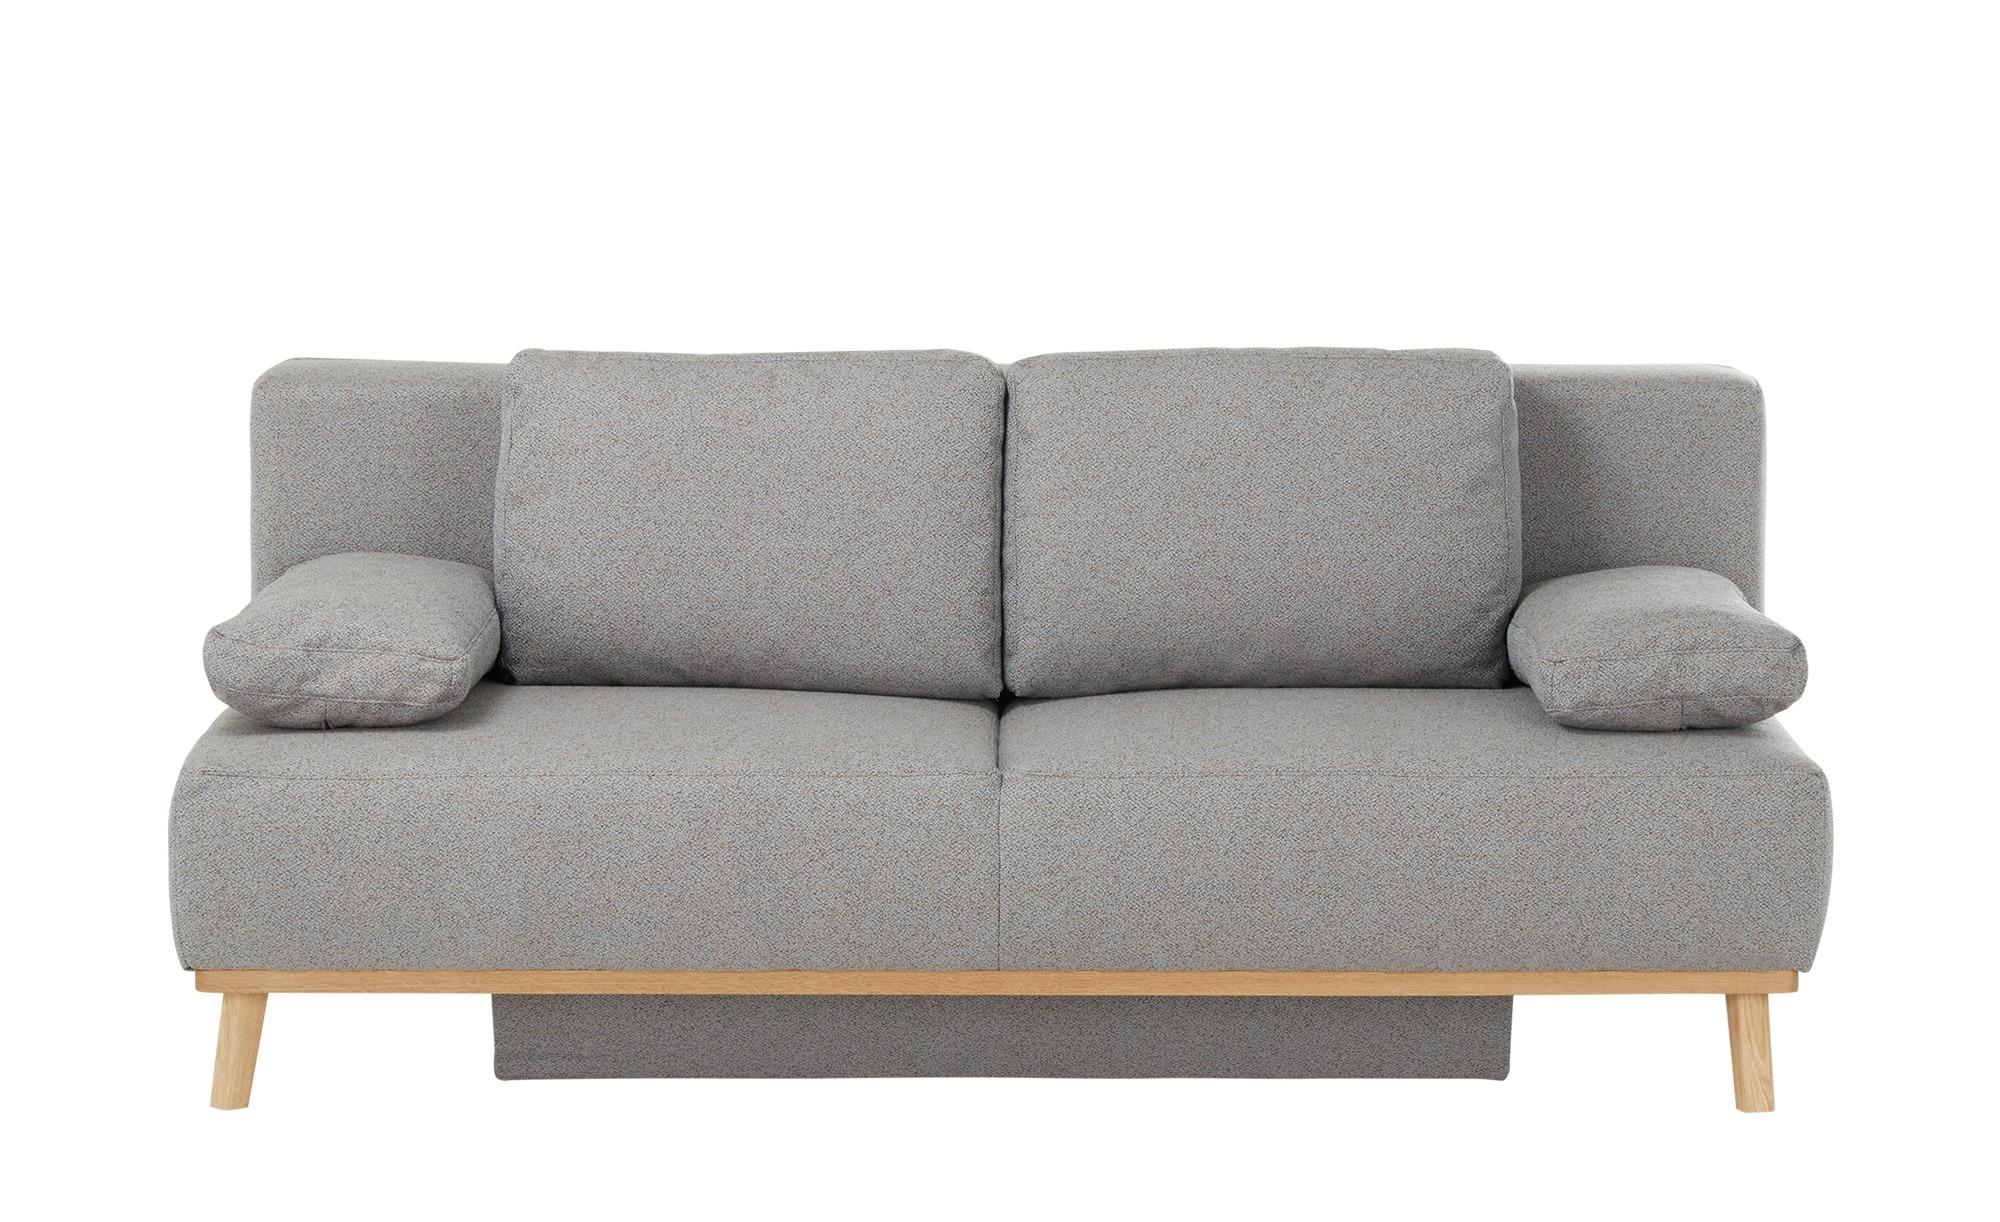 Schlafcouch  Patti ¦ grau ¦ Maße (cm): B: 200 H: 94 T: 112 Polstermöbel > Sofas > Einzelsofas - Höffner